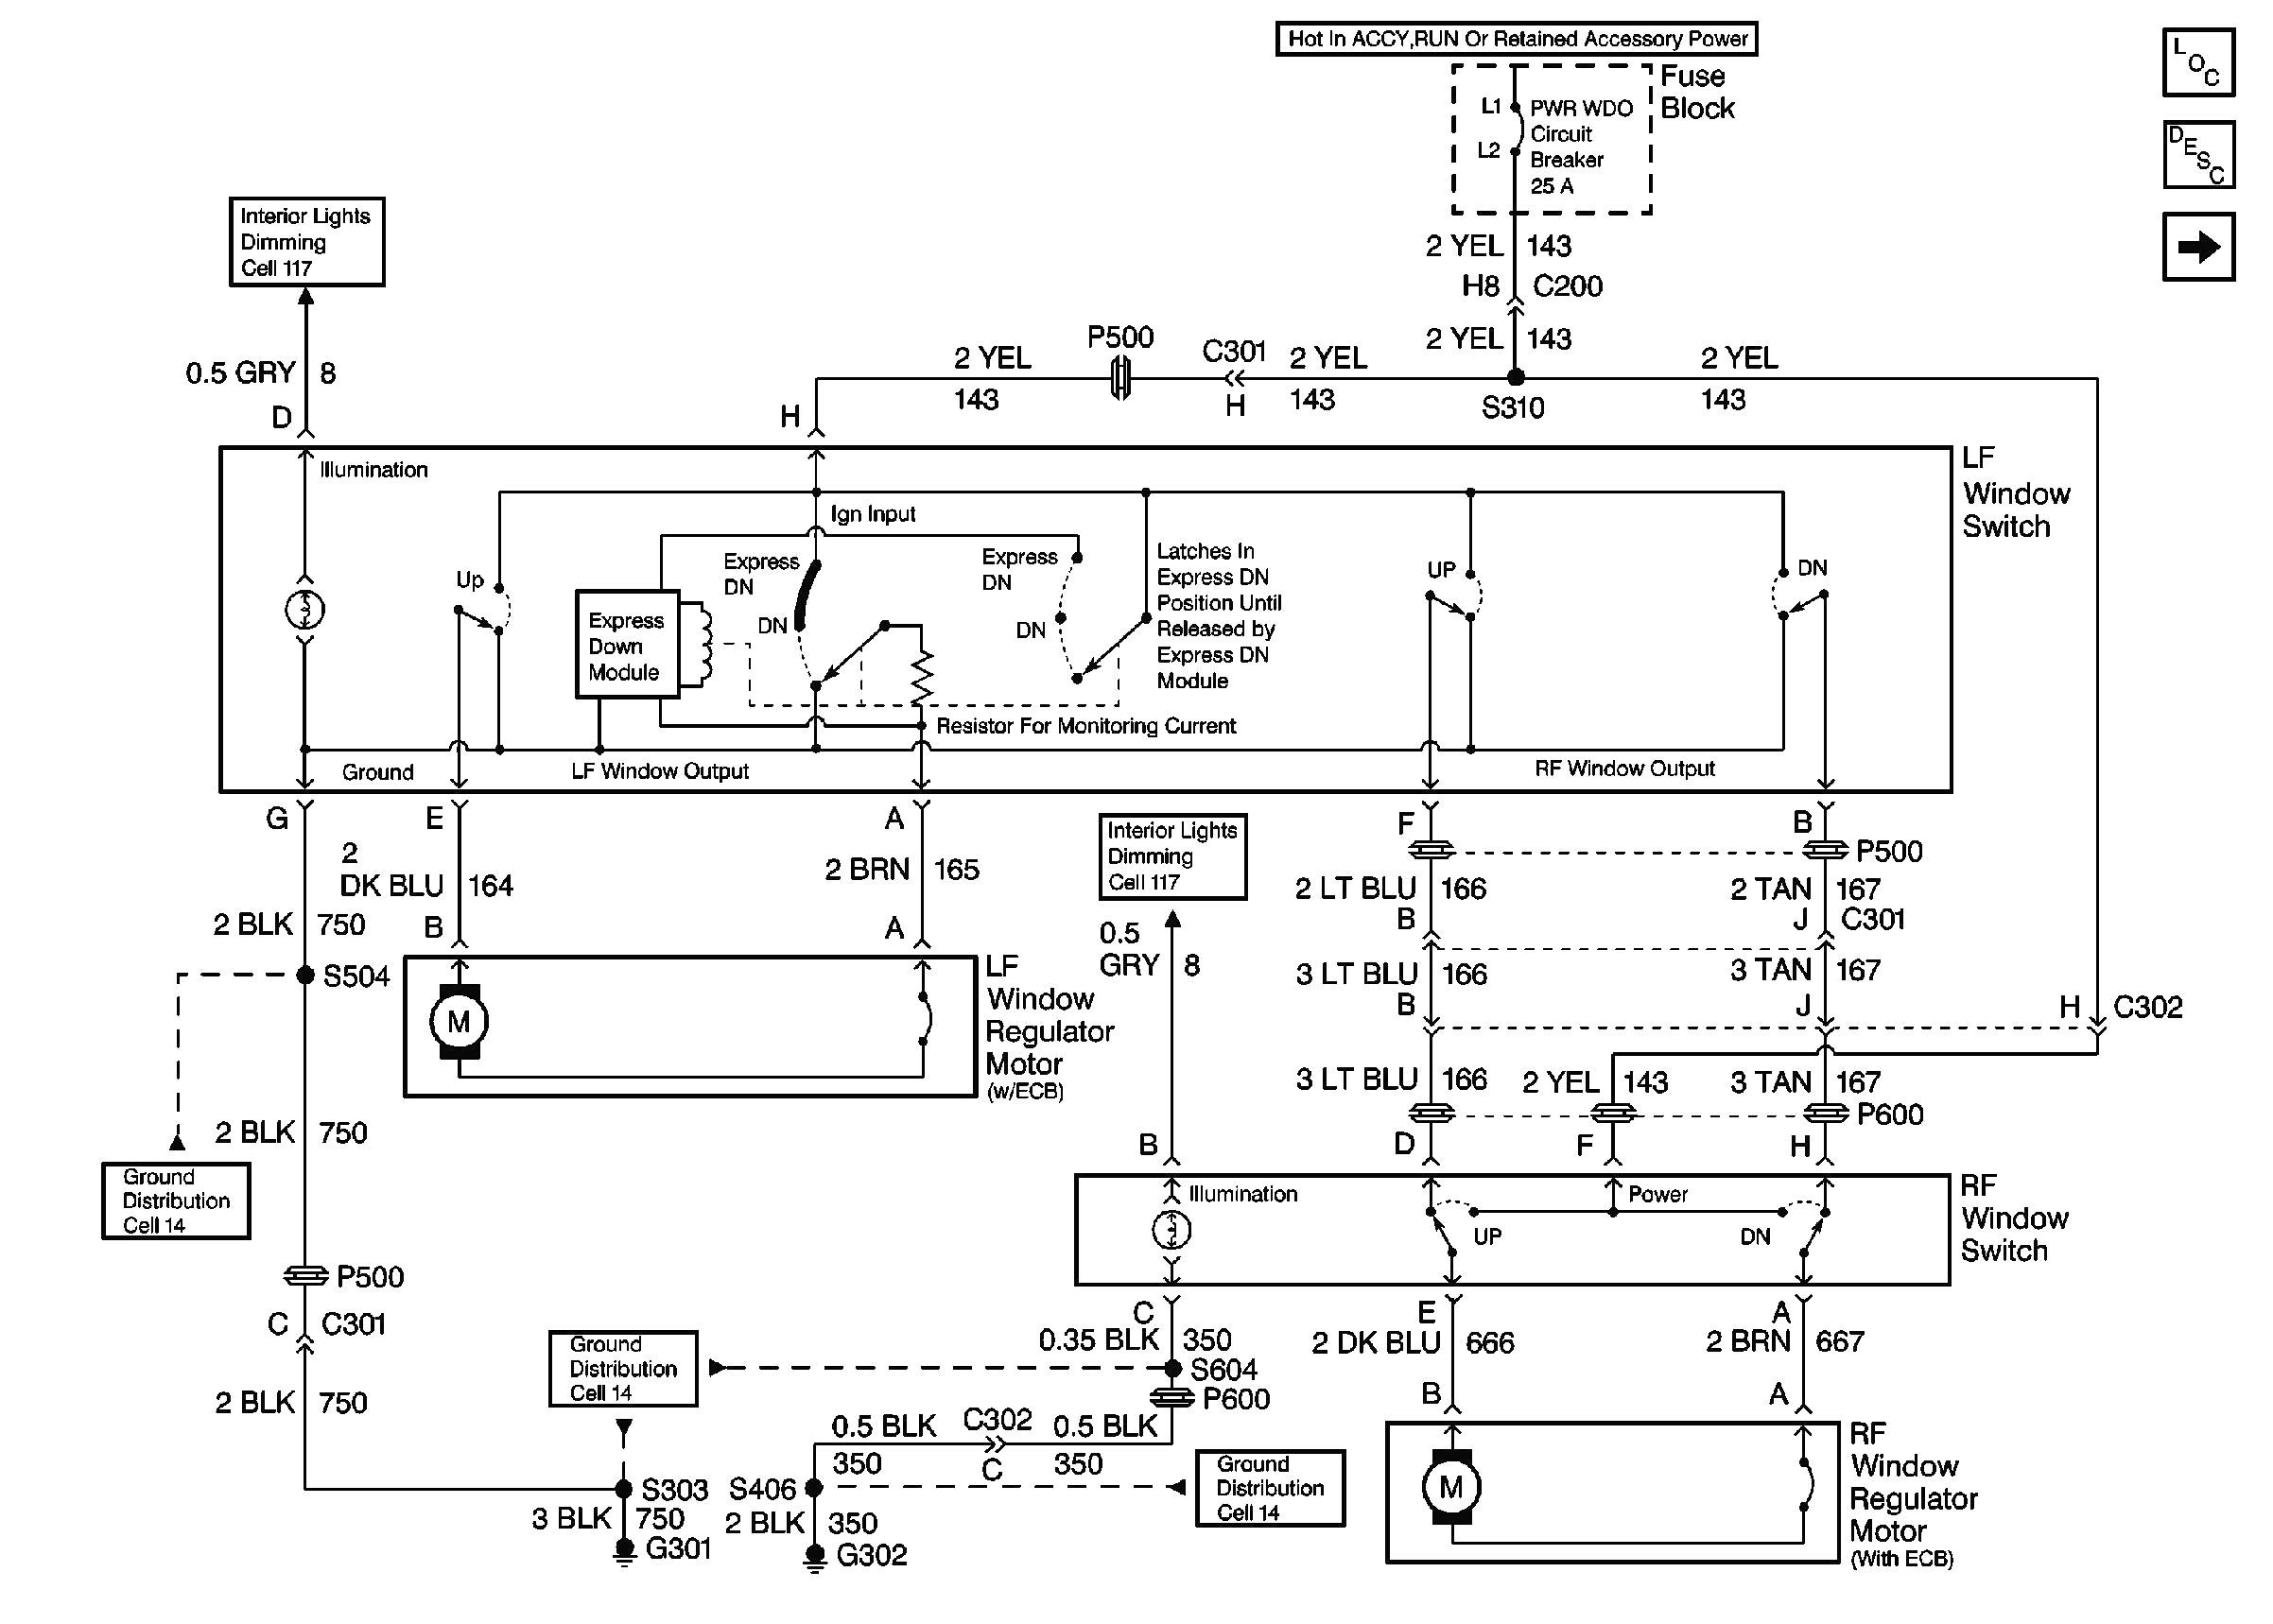 pontiac bonneville wiring harness wiring diagram load 1995 pontiac bonneville wiring harness